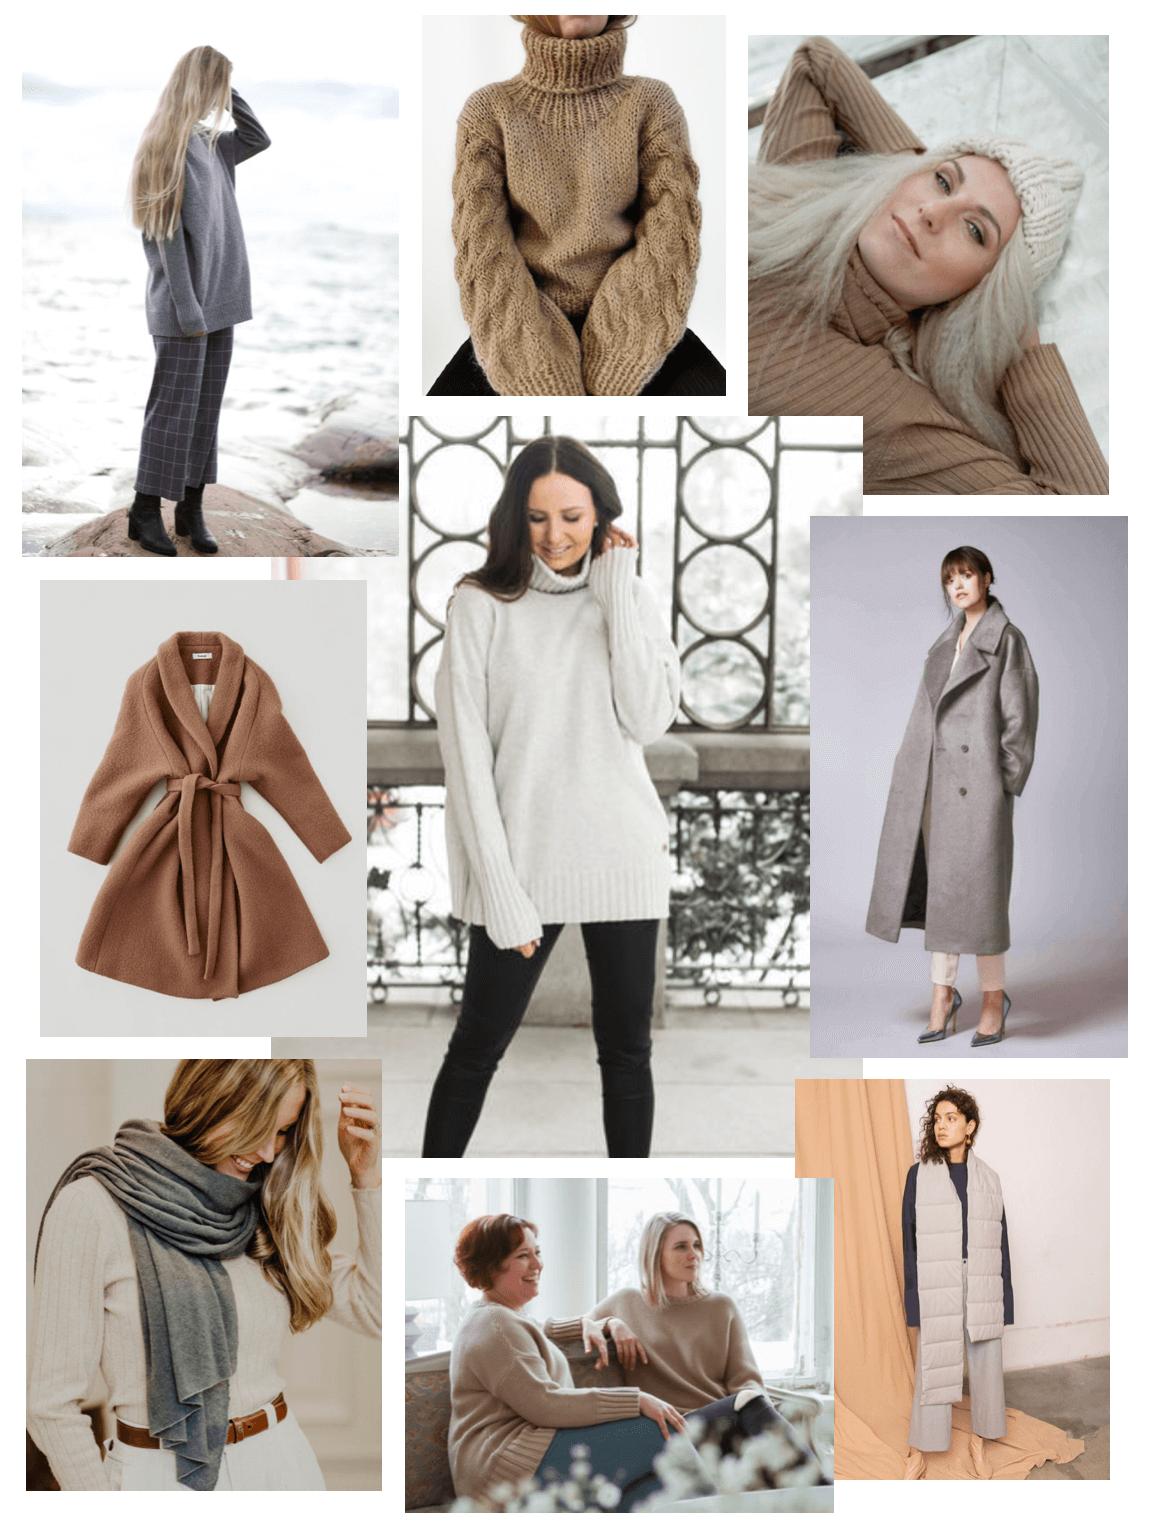 Ihanin talvityyli – lämpimät neuleet ja muhkeat asusteet